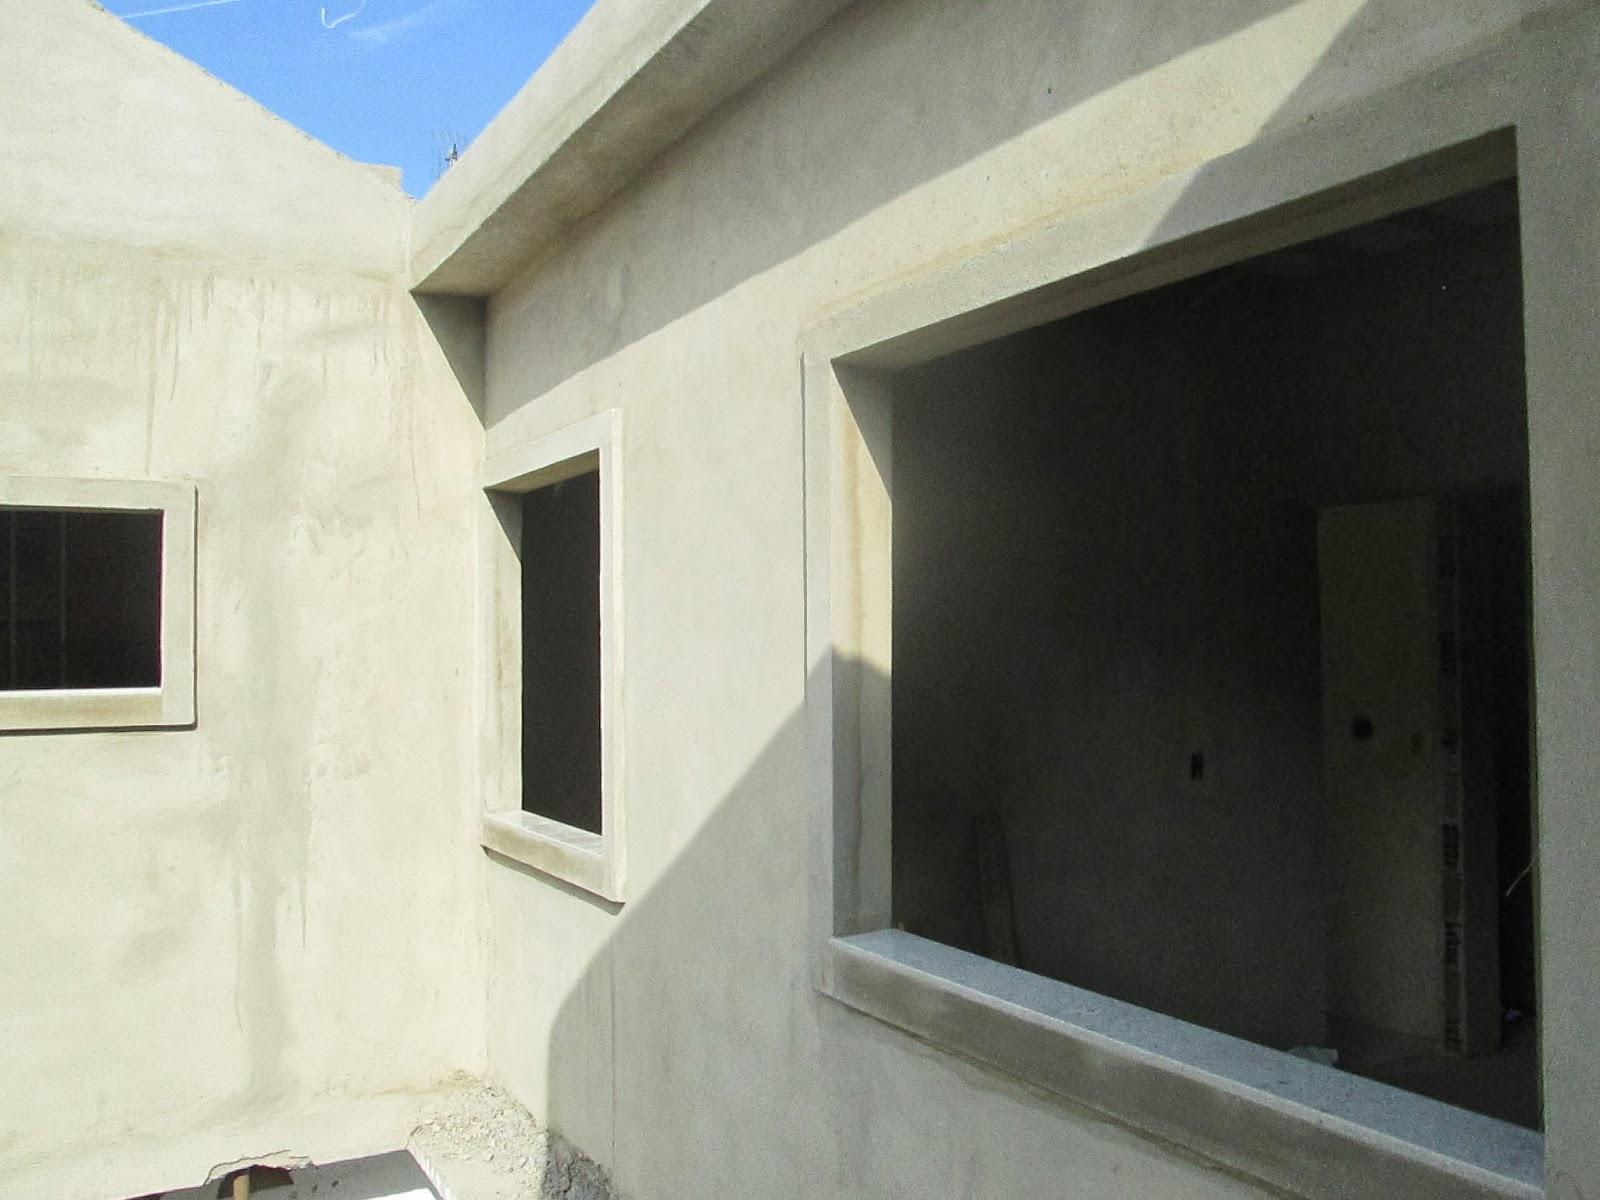 #0960C2 Construindo e Reformando: Balanço de seis meses de obra 1096 Portas E Janelas De Aluminio Na Leroy Merlin